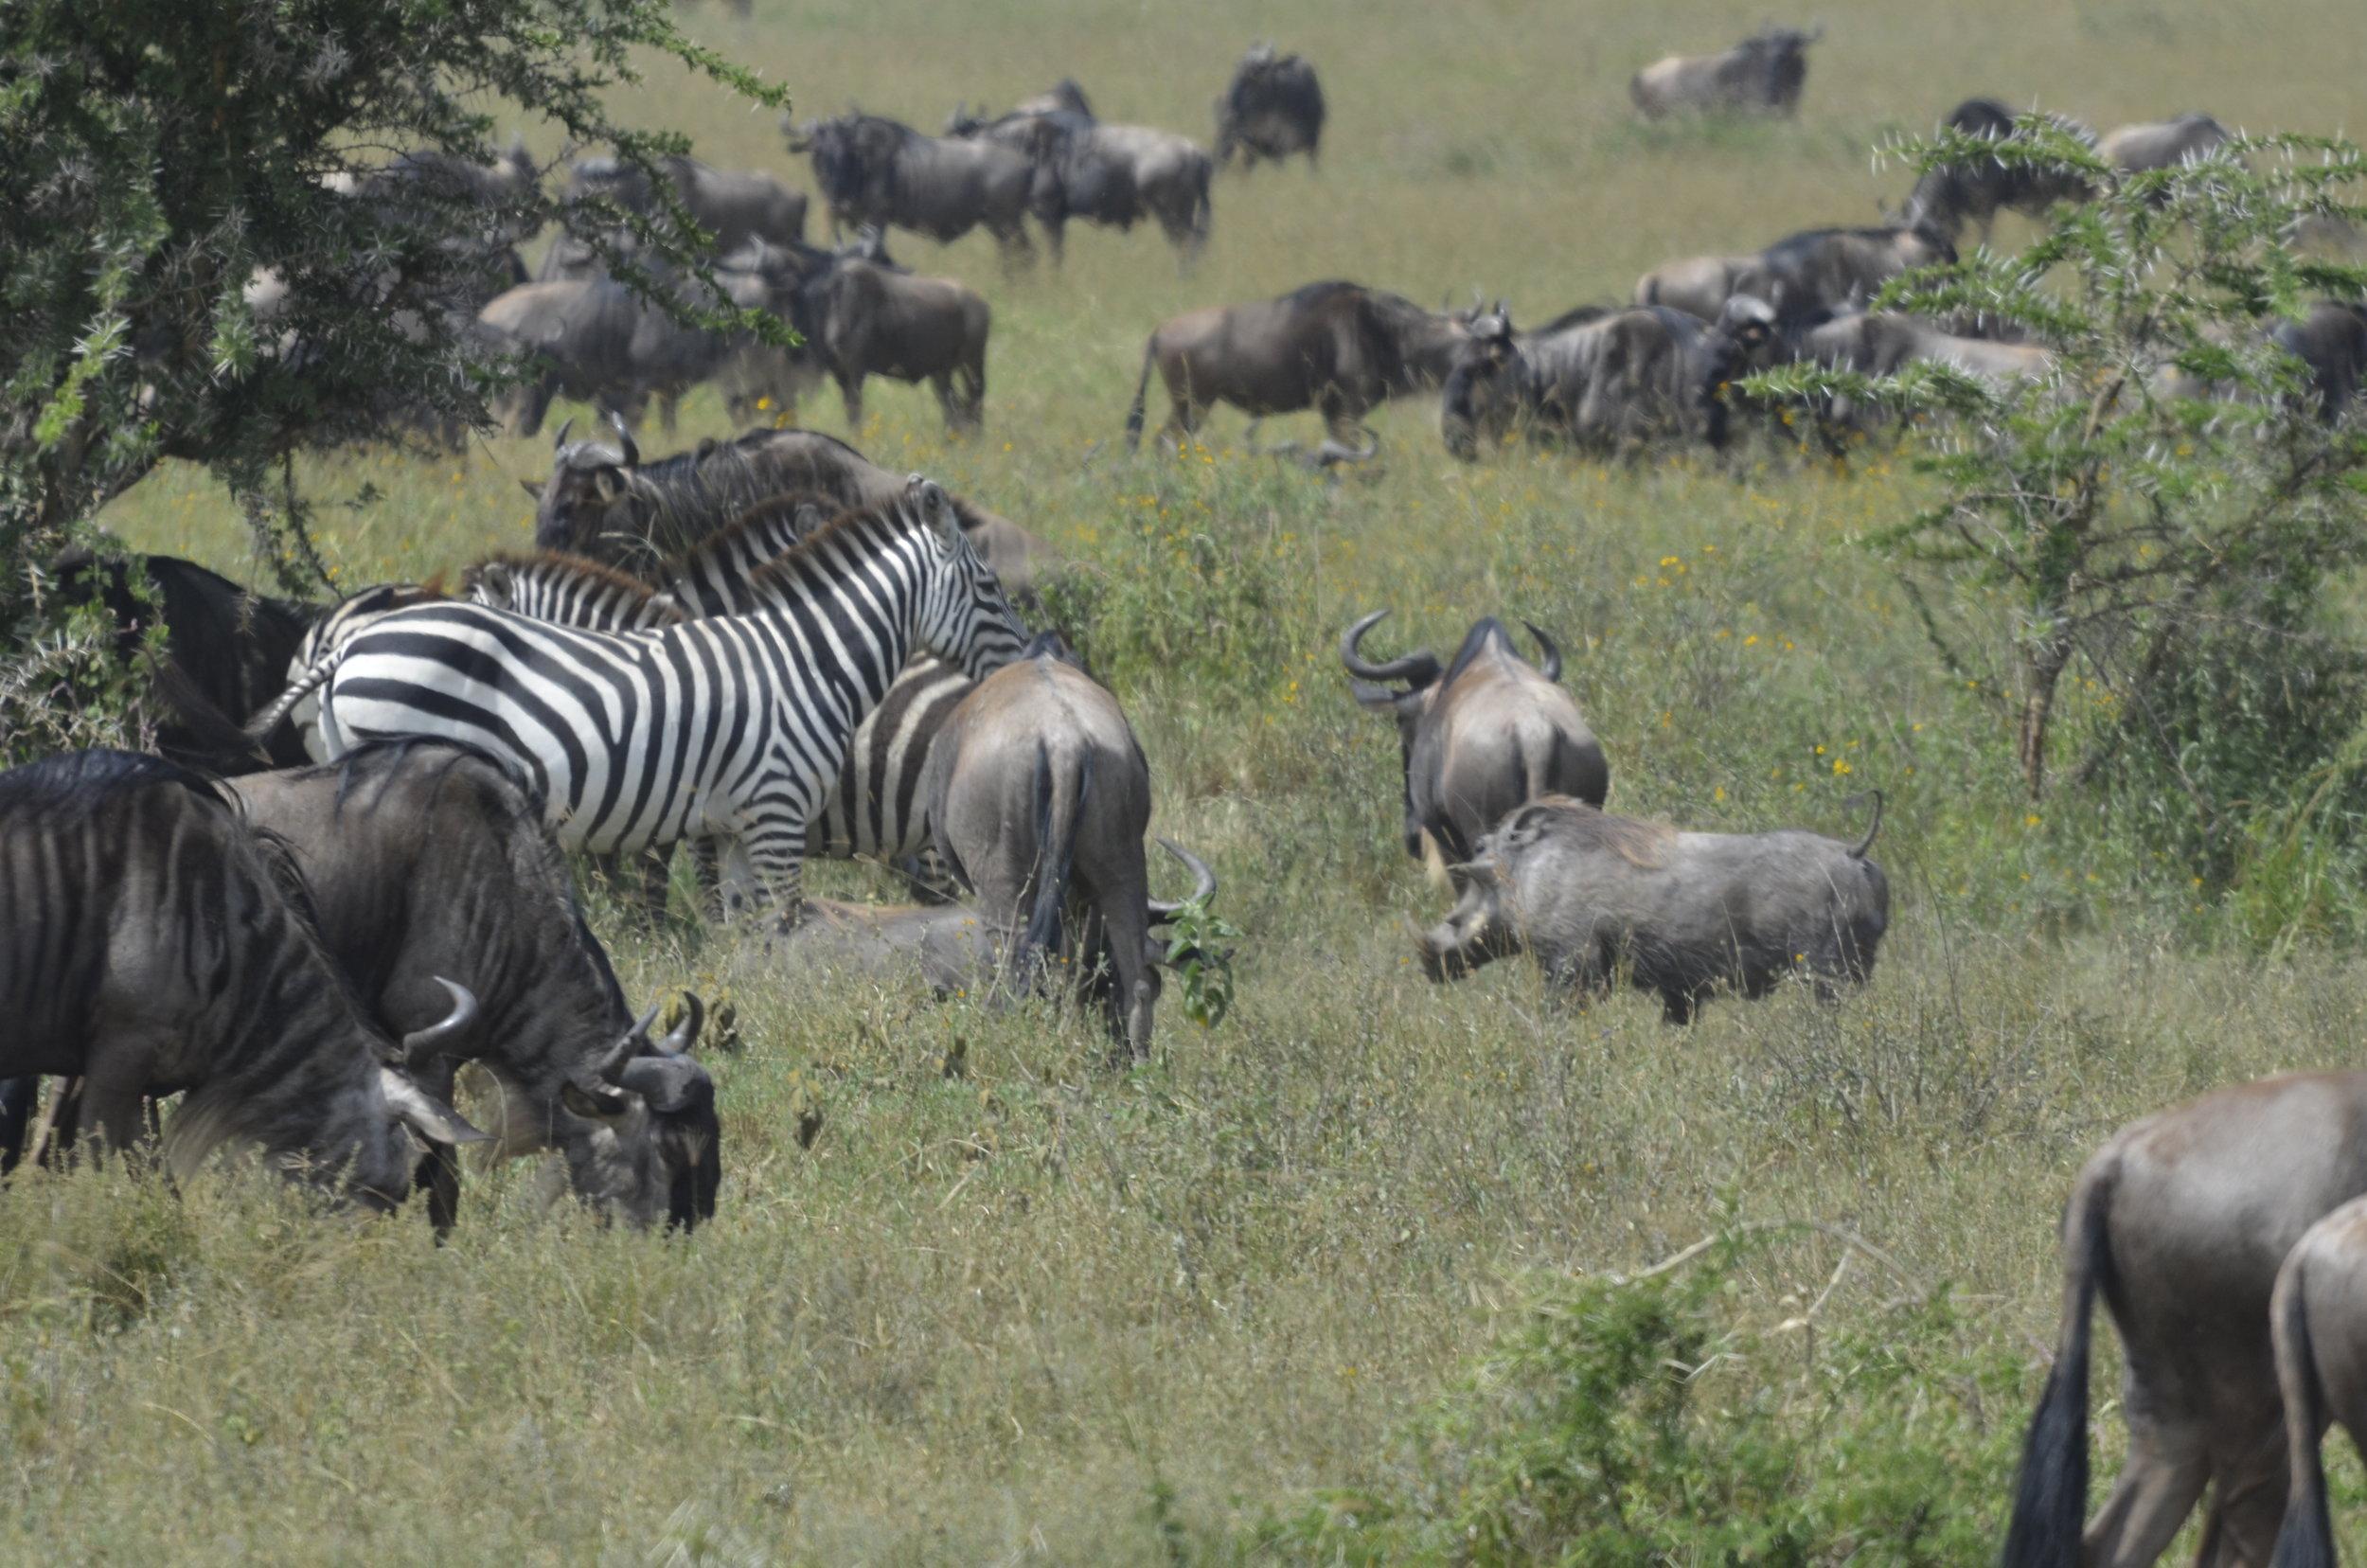 warthog, wildebeest and zebra